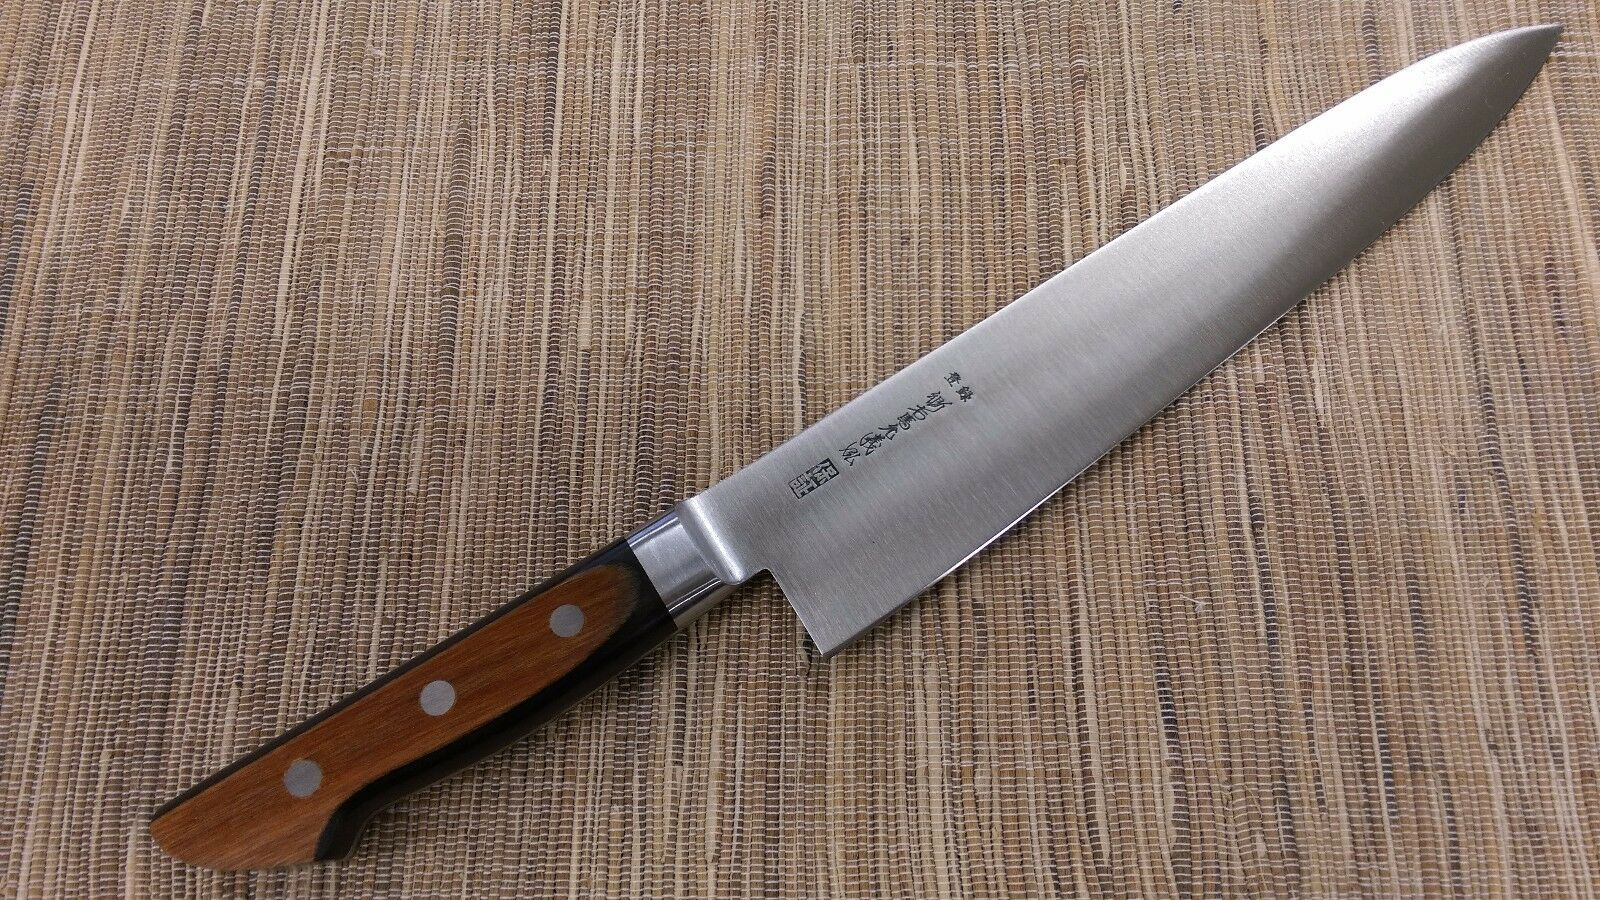 Sakai japonais couteaux de cuisine  Yoshihiro ACIER CARBONE COUTEAU  HGB couteau de cuisine